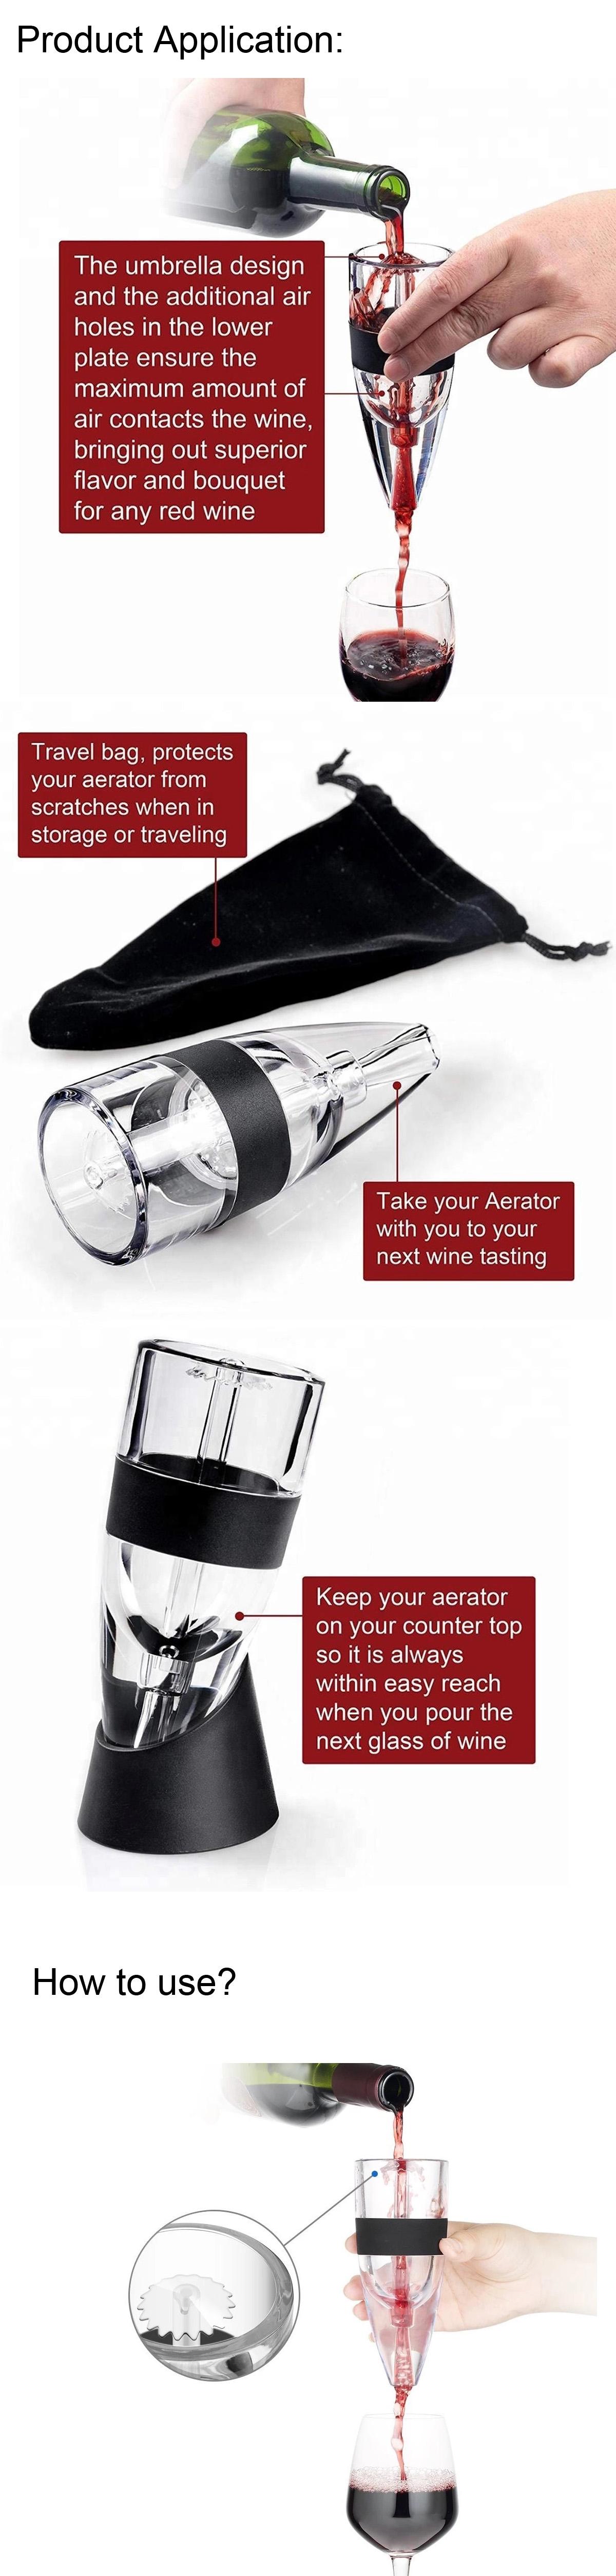 Wine Accessory